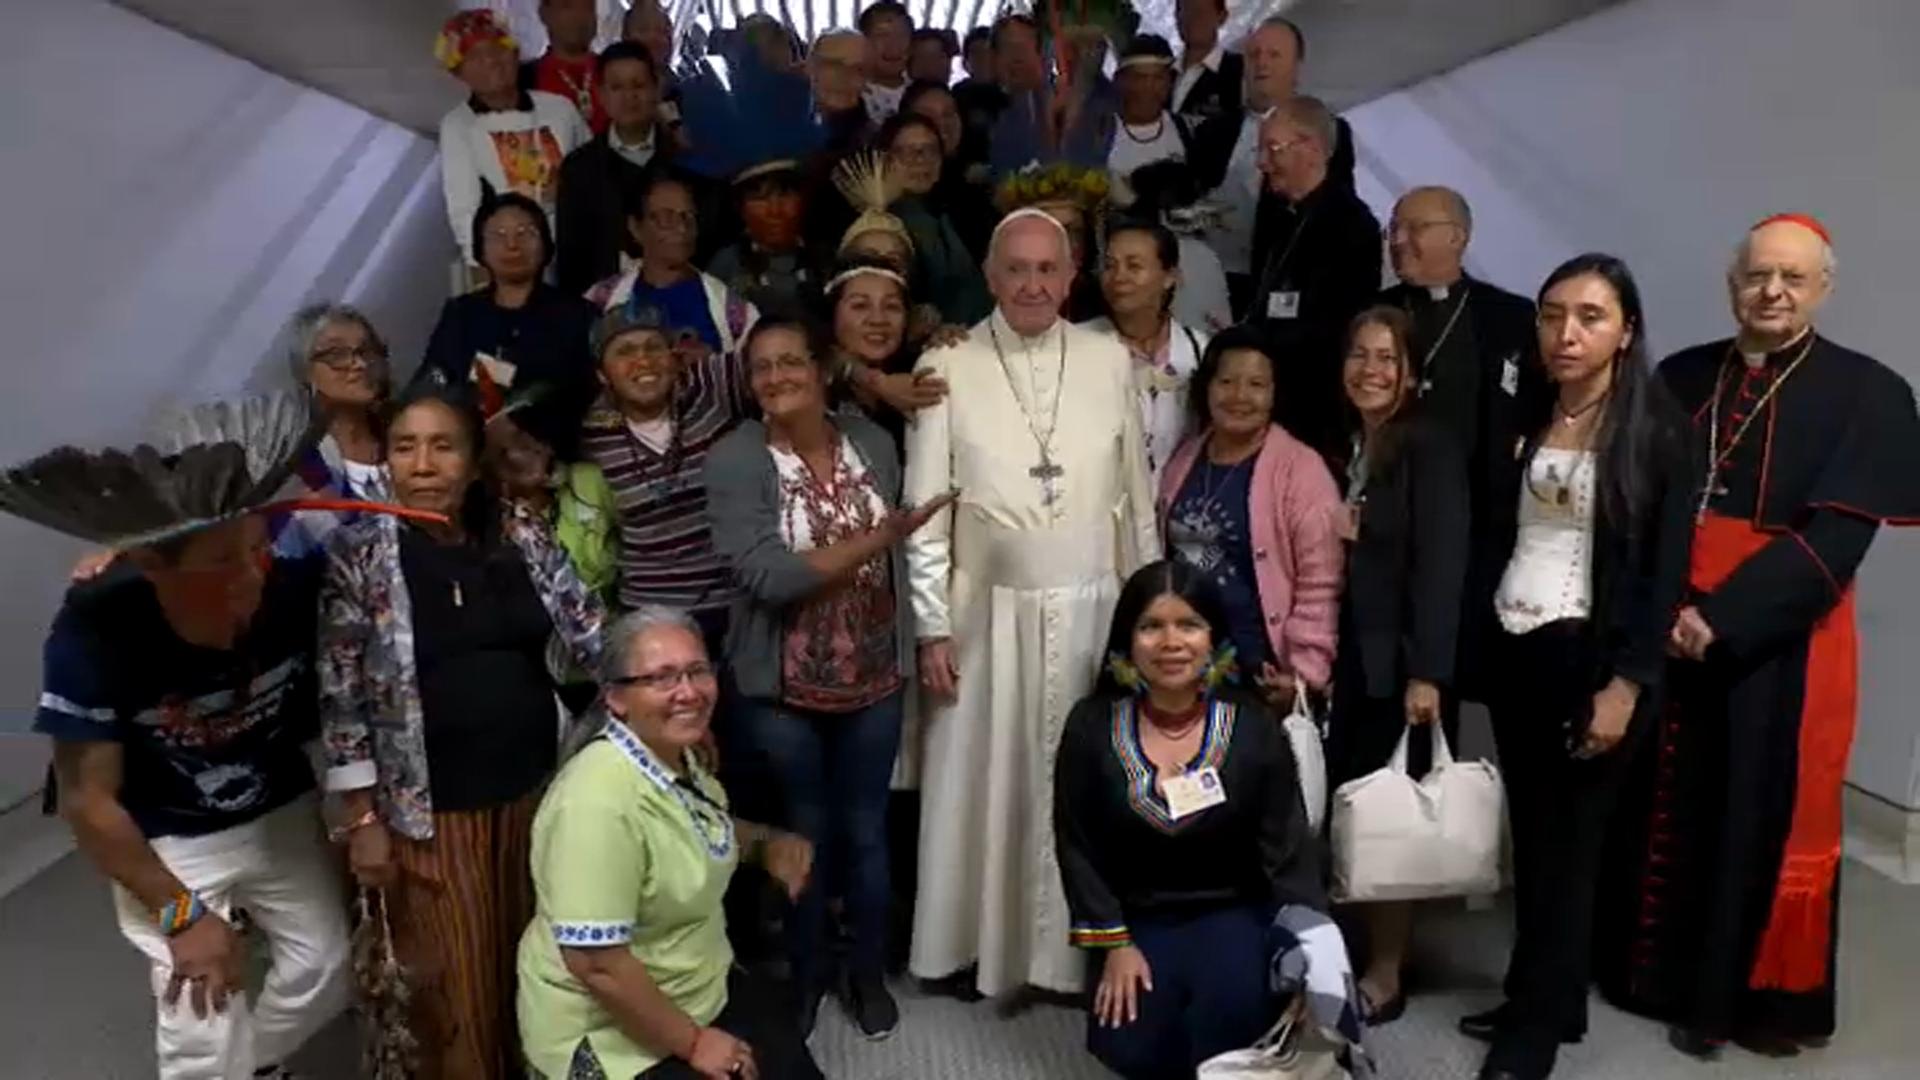 Osservatorio ambientale, una chiesa di rito speciale e diaconato femminile: proposte per una chiesa dal volto amazzonico